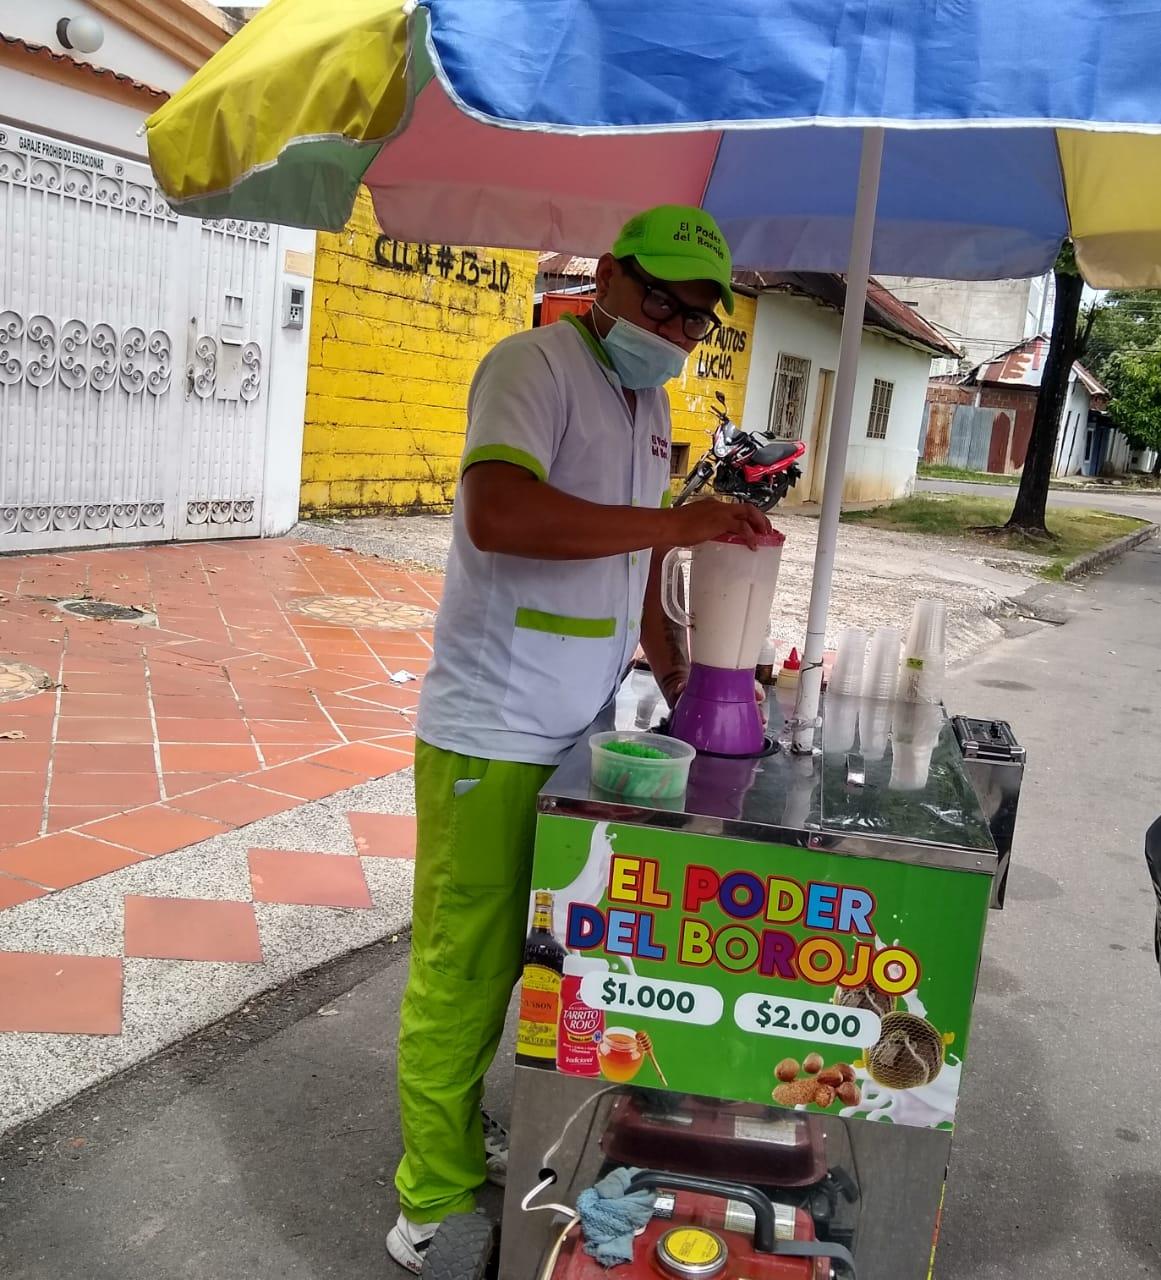 Carlos, el venezolano del borojó